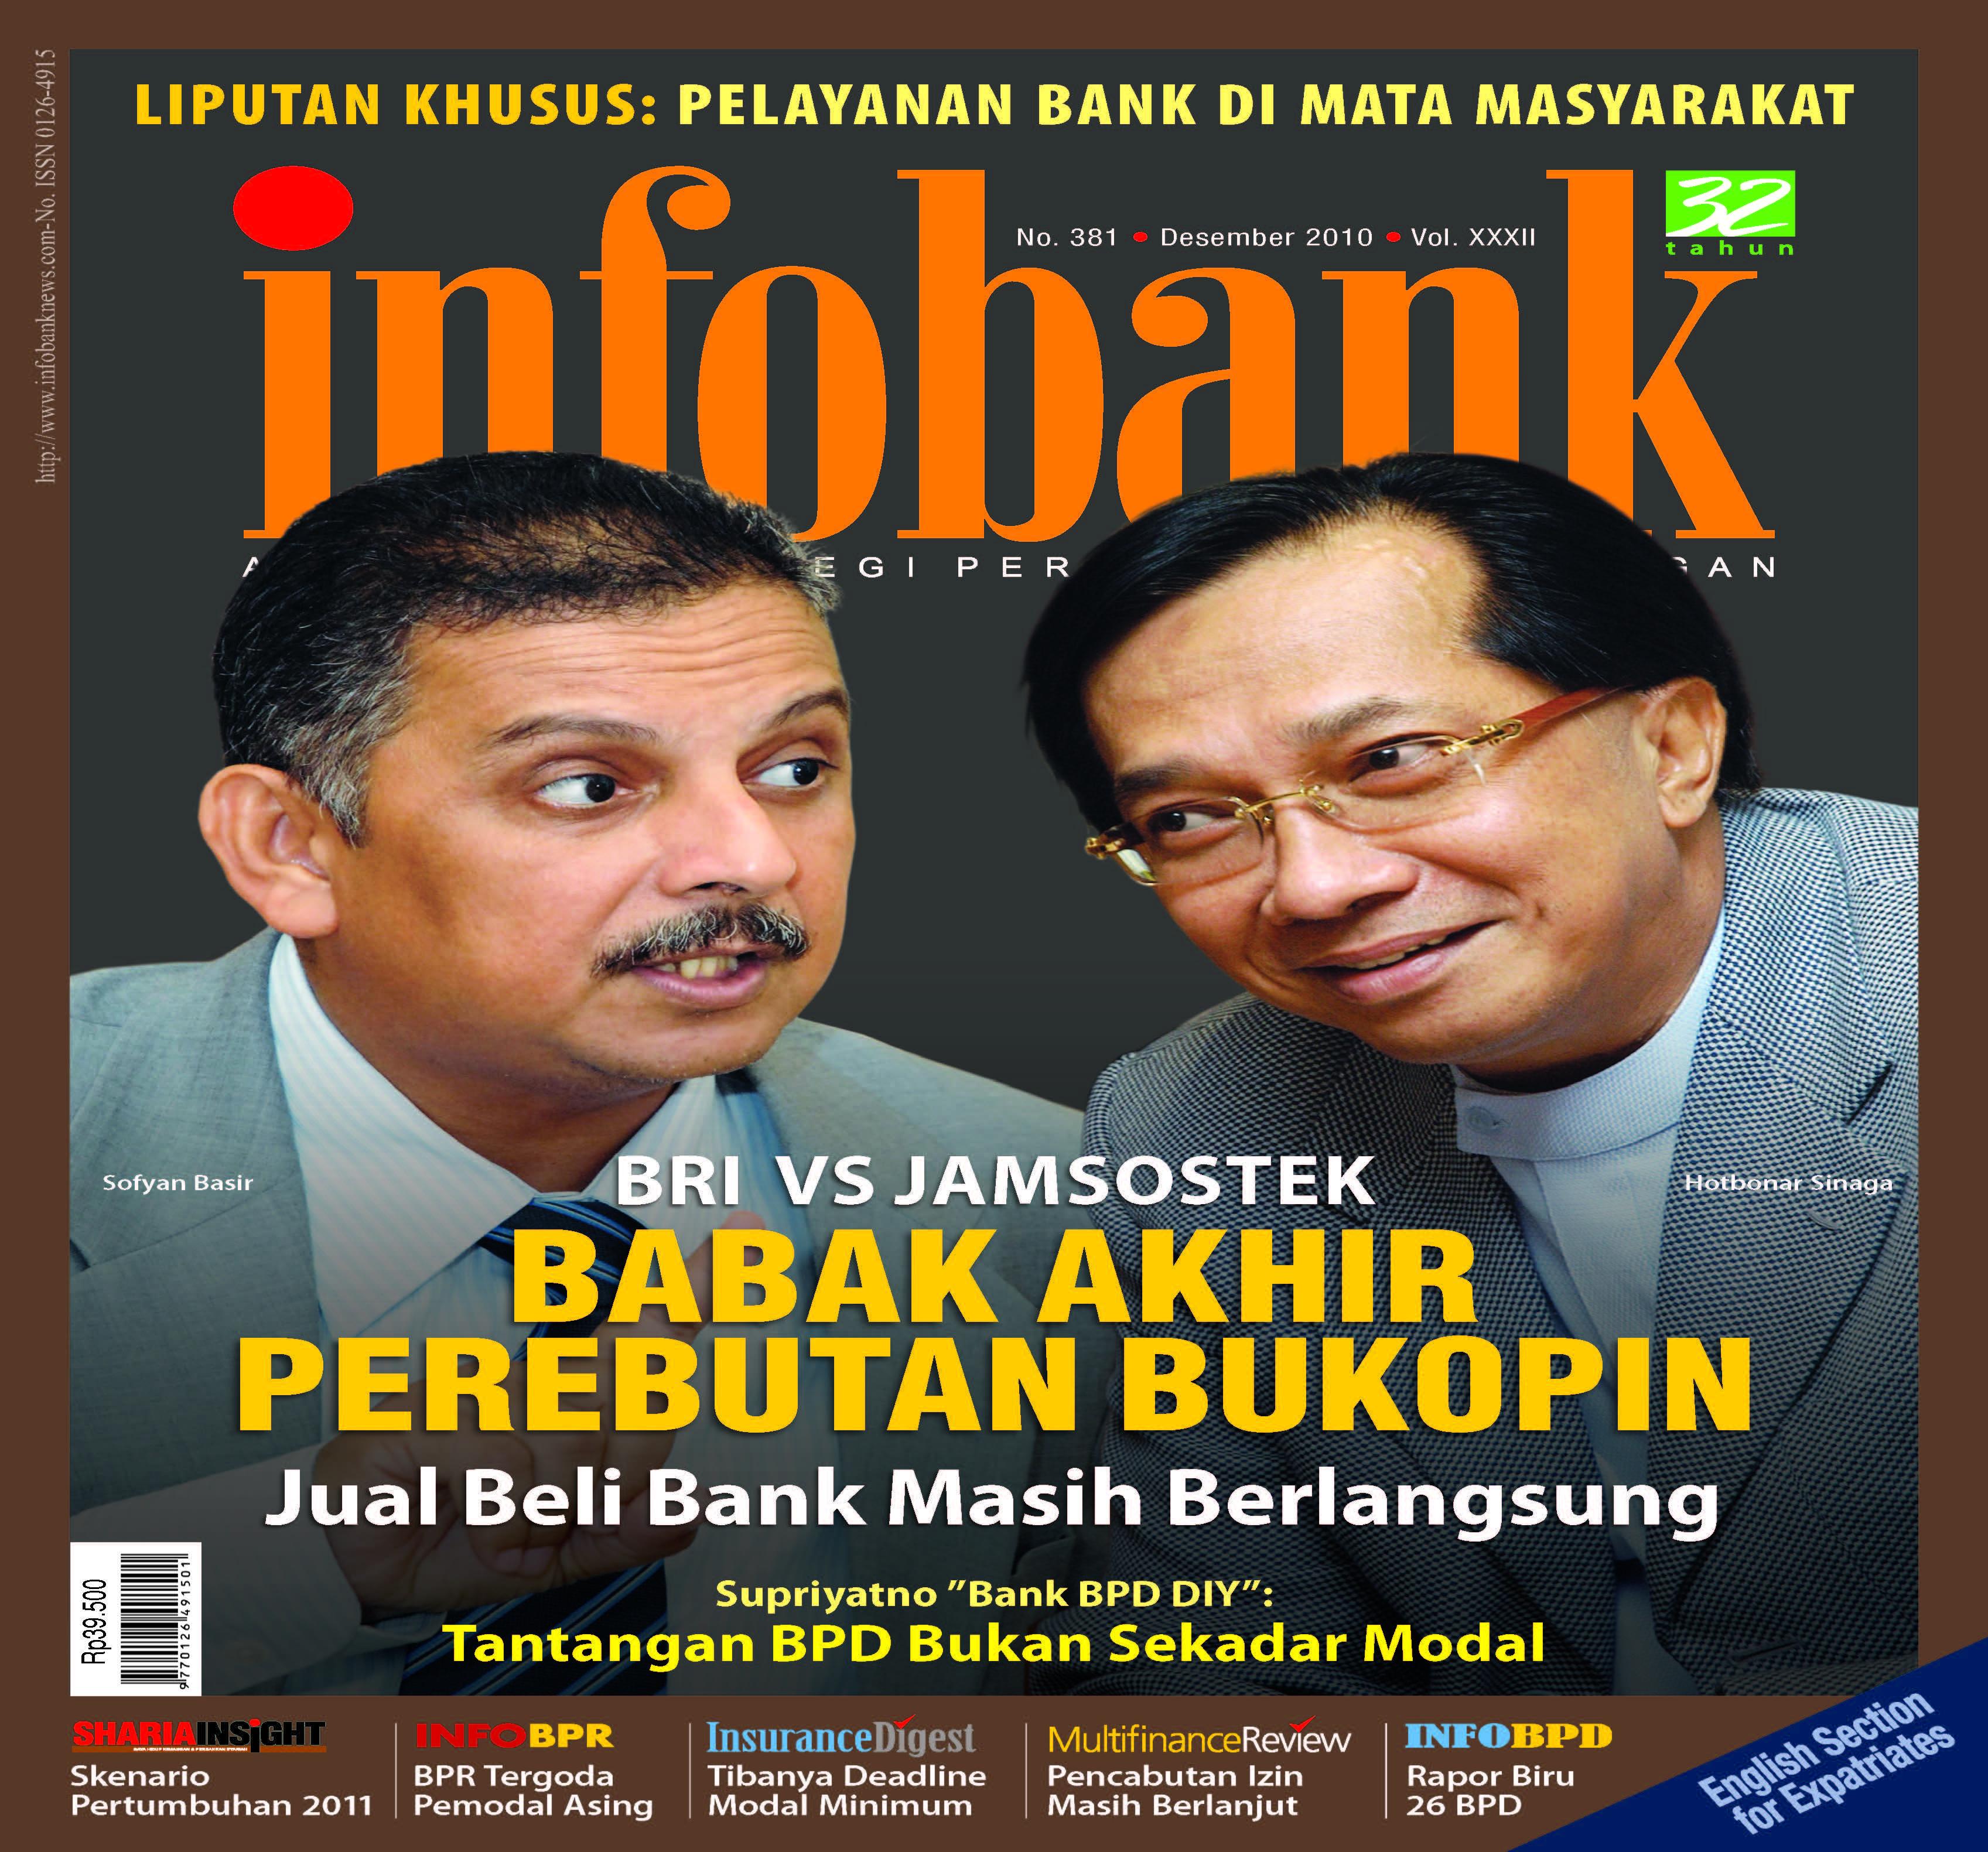 Infobank Edisi Desember 2010